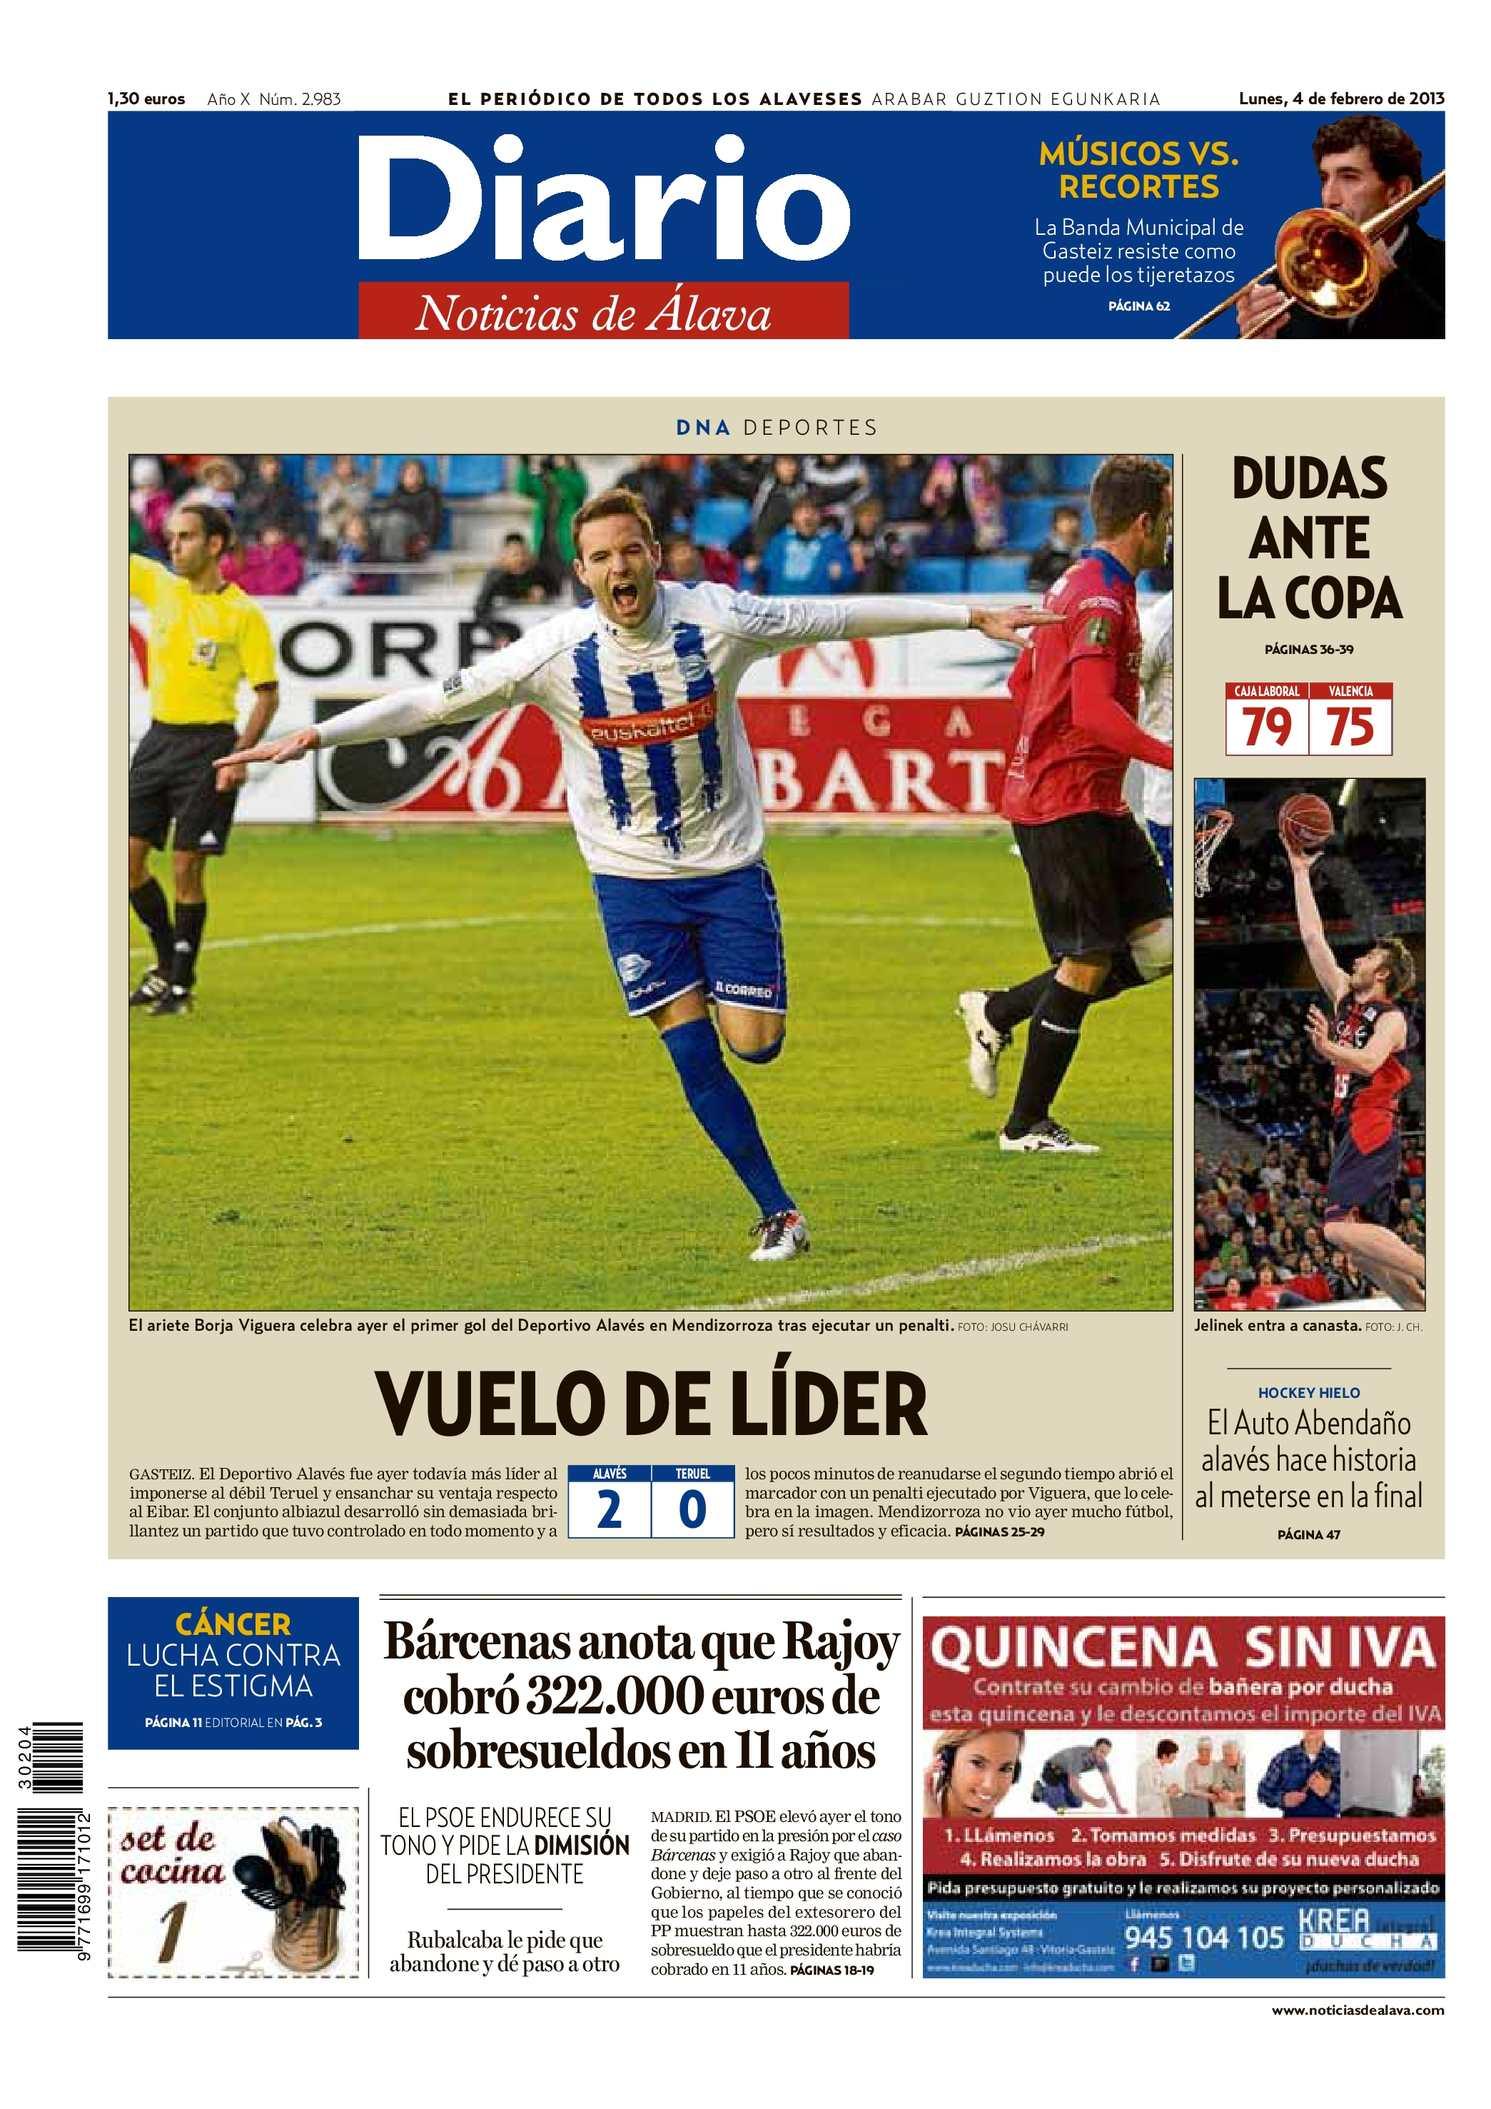 433978d6400b3 Calaméo - Diario de Noticias de Álava 20130204